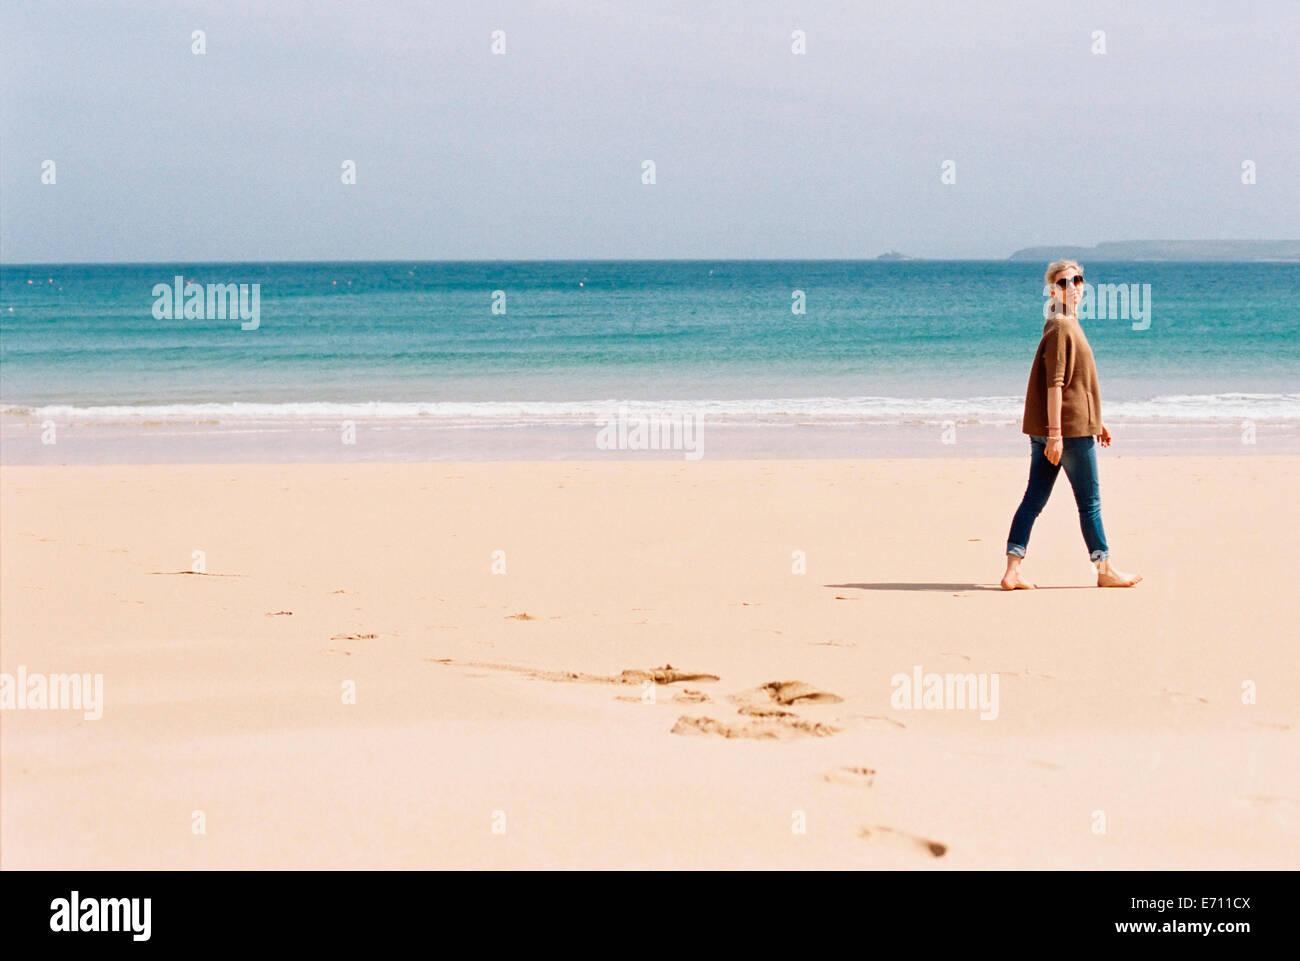 Une femme marchant pieds nus sur une plage, laissant des traces de pas dans le sable. Photo Stock